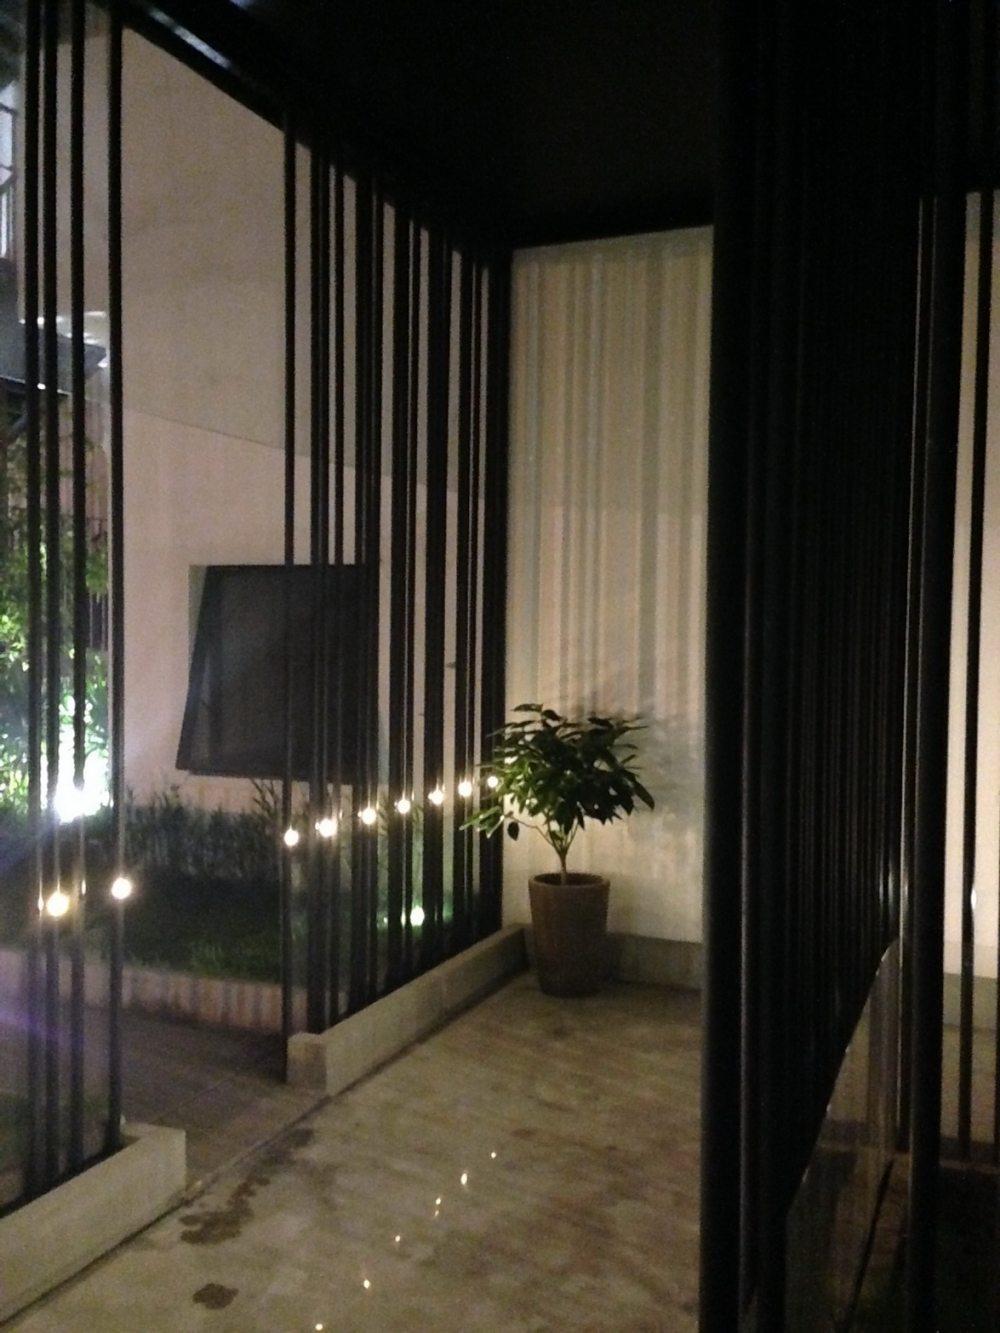 厦门乐雅无垠酒店Hotel Wind自拍 分享_IMG_2503.JPG